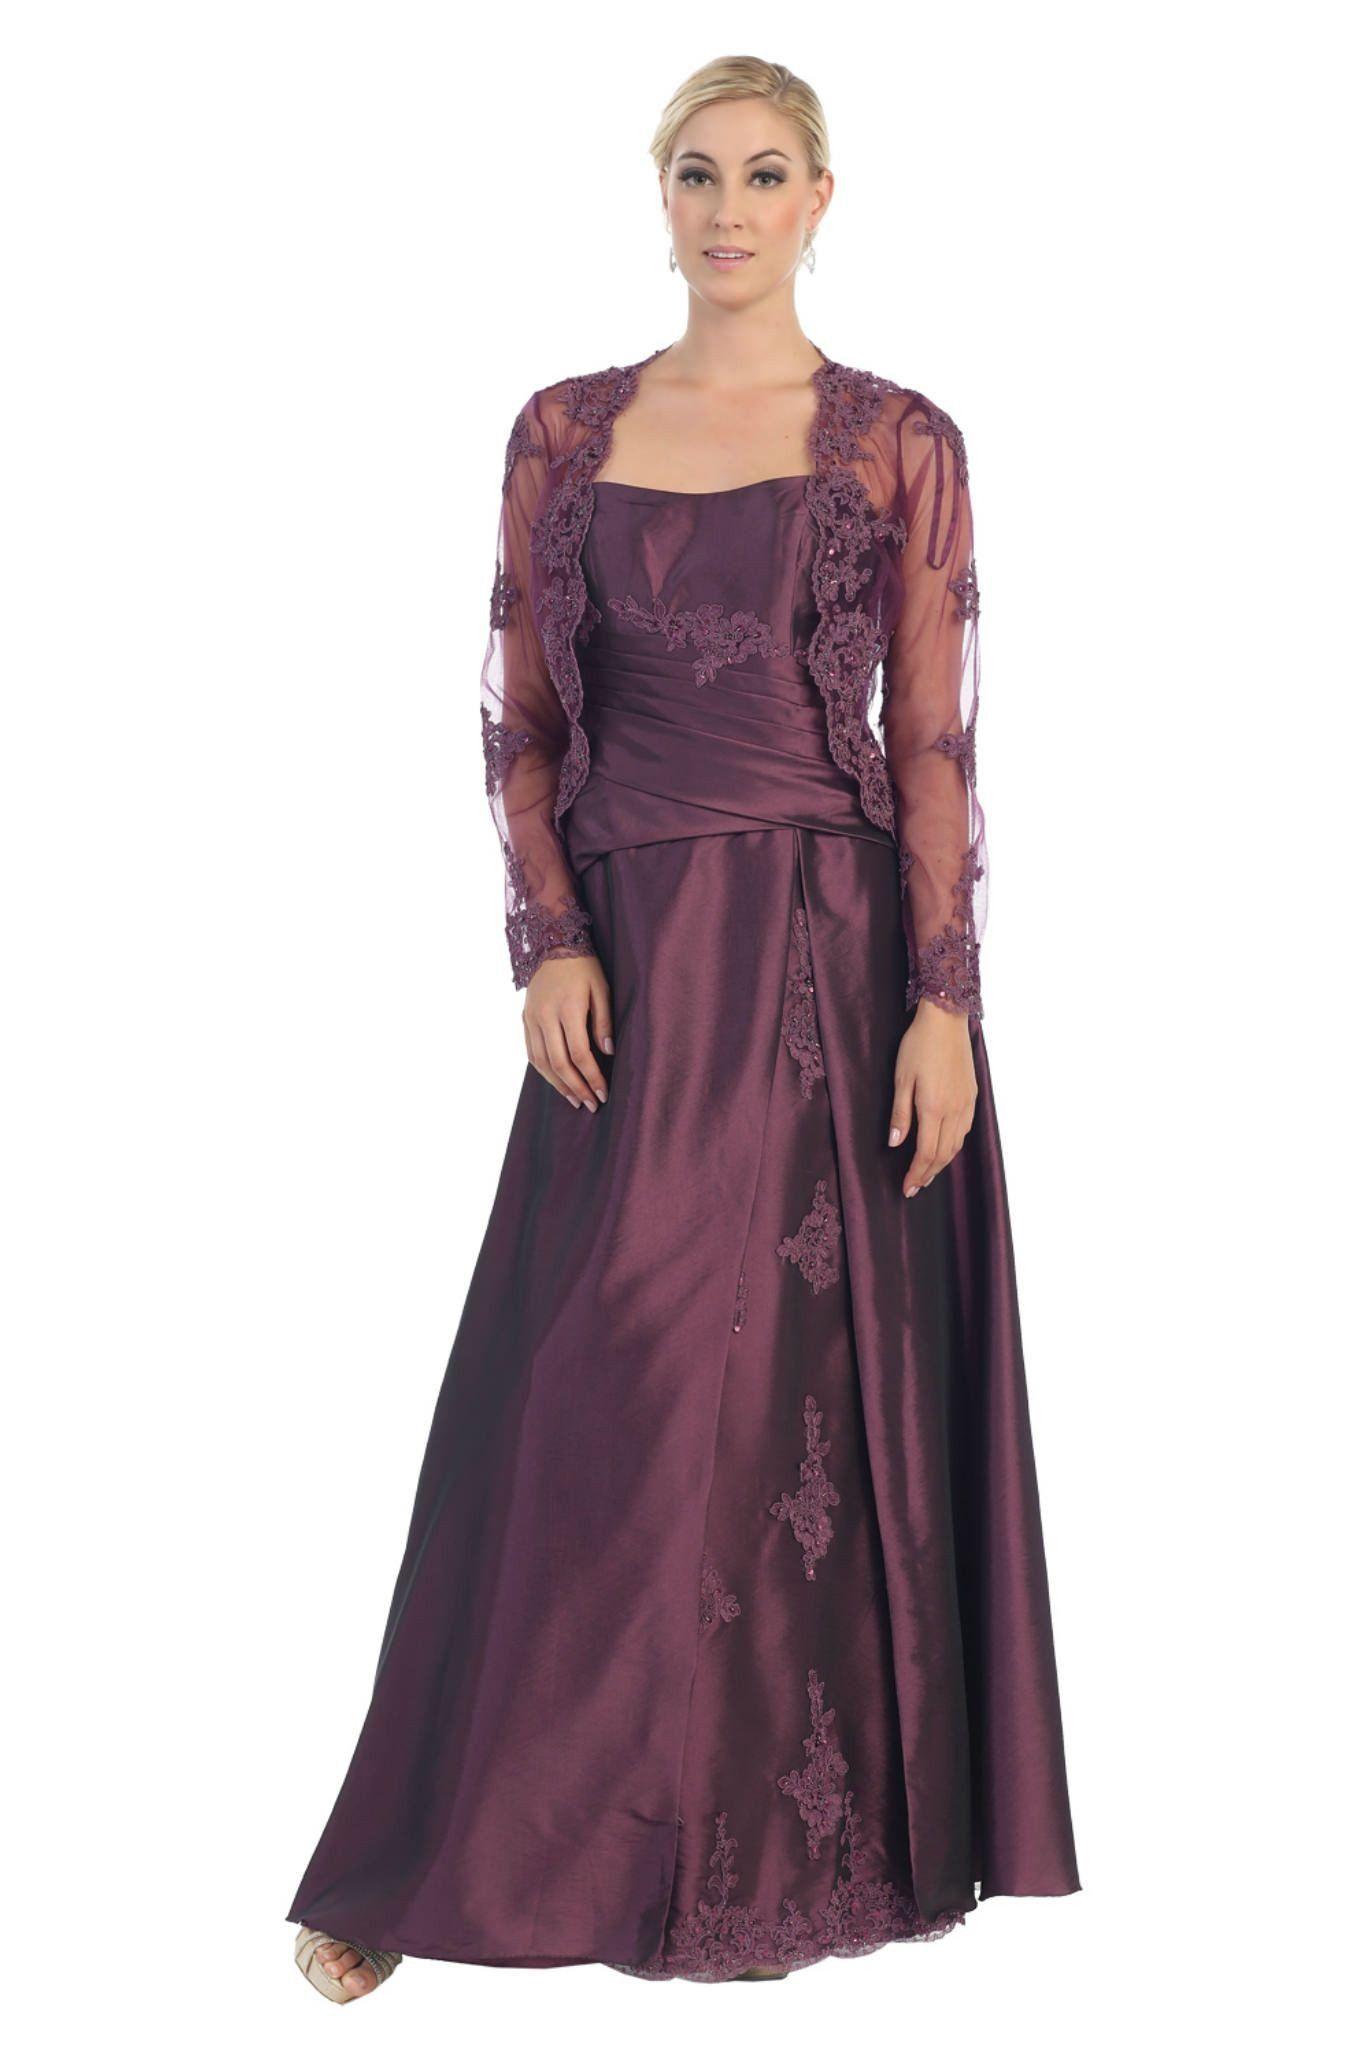 Encantador Vestidos De Fiesta Nordstrom Motivo - Vestido de Novia ...